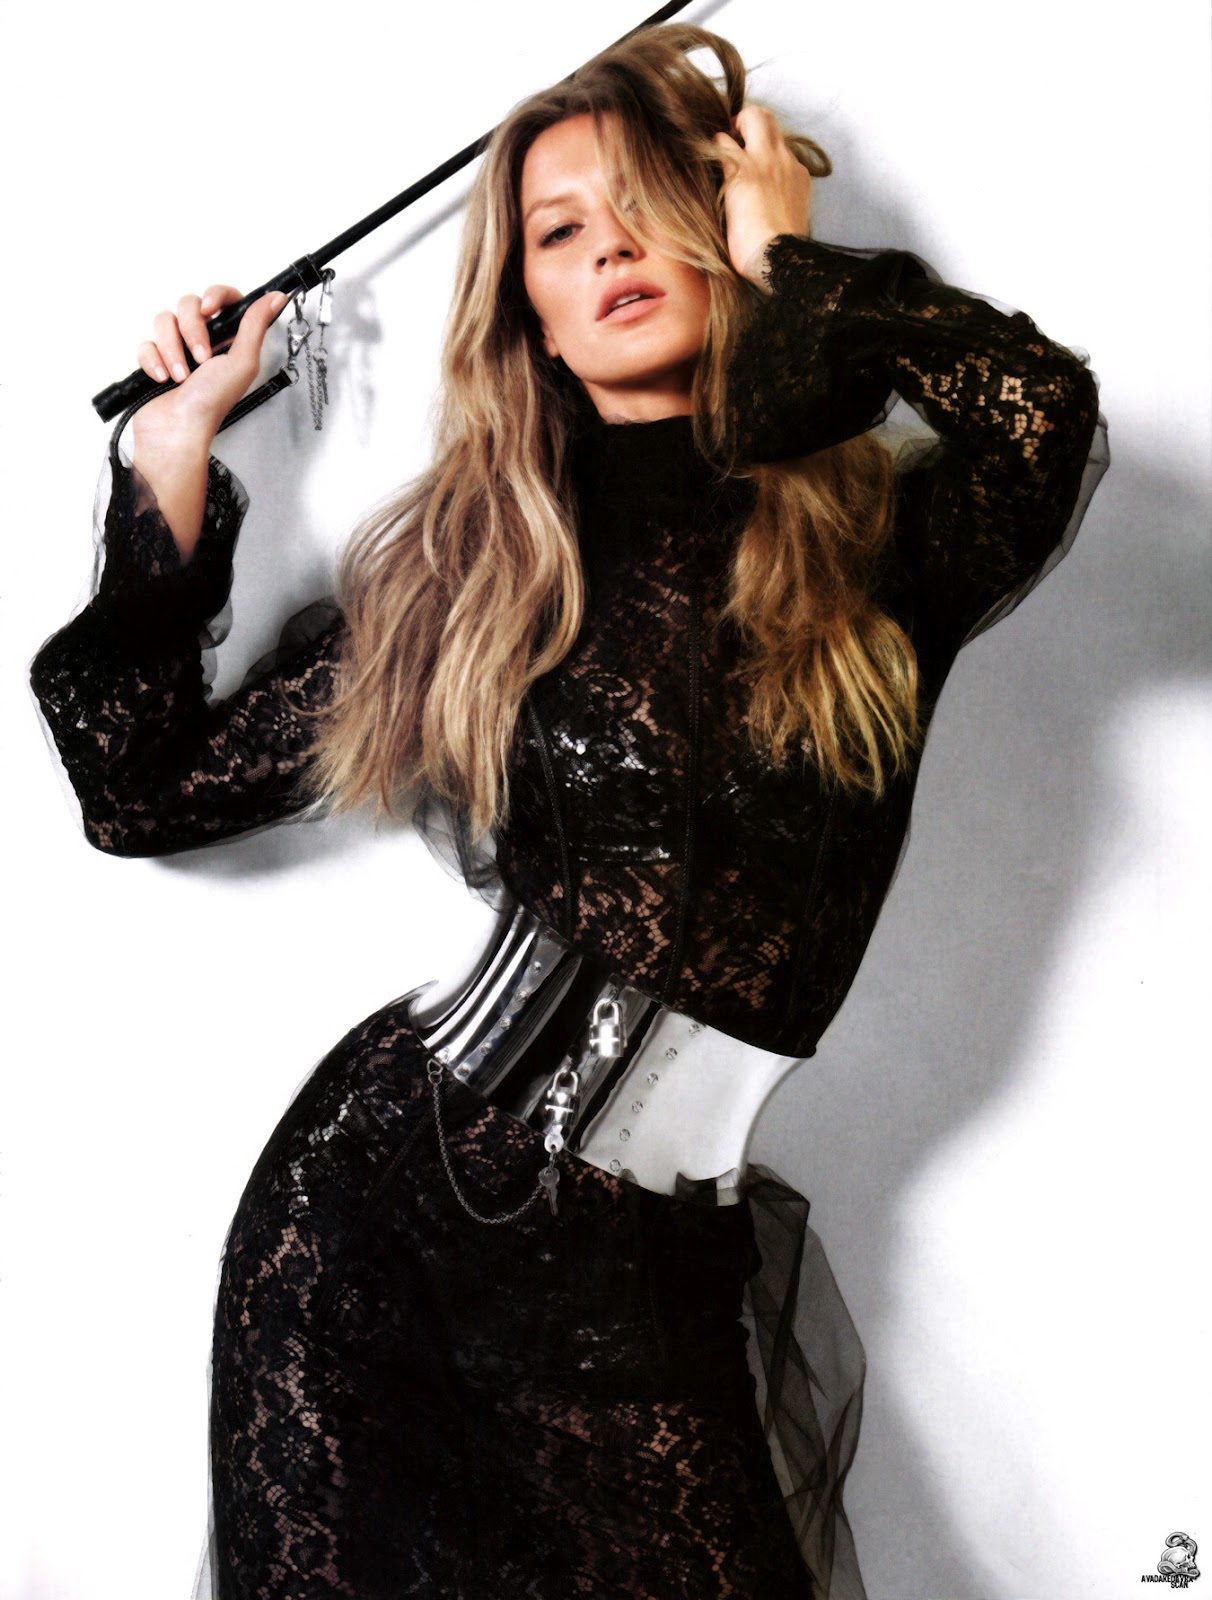 http://1.bp.blogspot.com/-scHfvYP0SVk/UCtGUXDRpNI/AAAAAAAAQmA/kAHD5rDRmDs/s1600/Sexy+super+model+Gisele+Bundchen.jpg